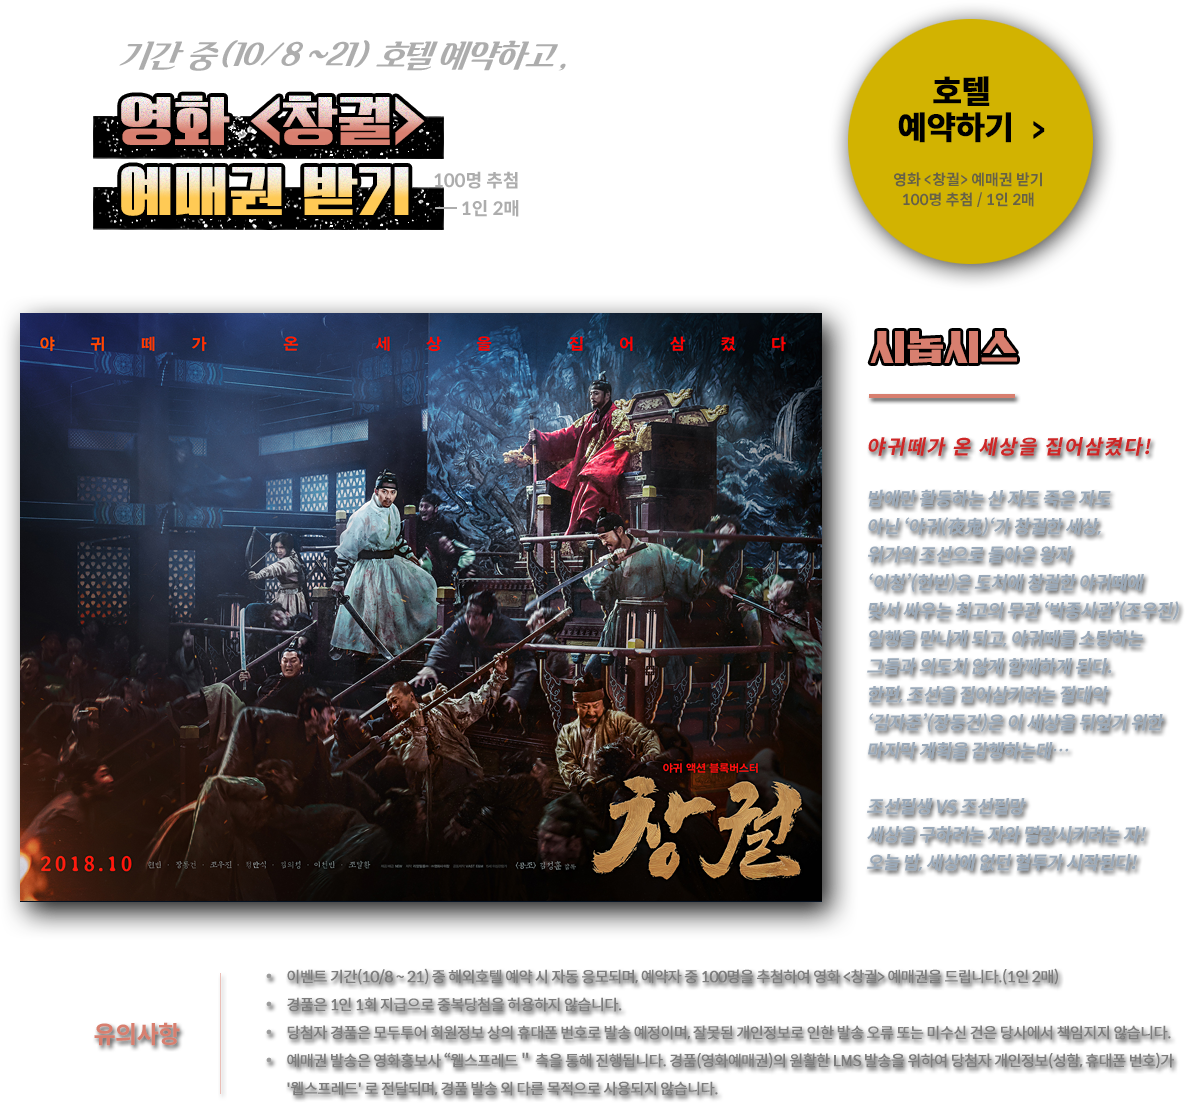 이벤트2. 영화 창궐 예매권받기